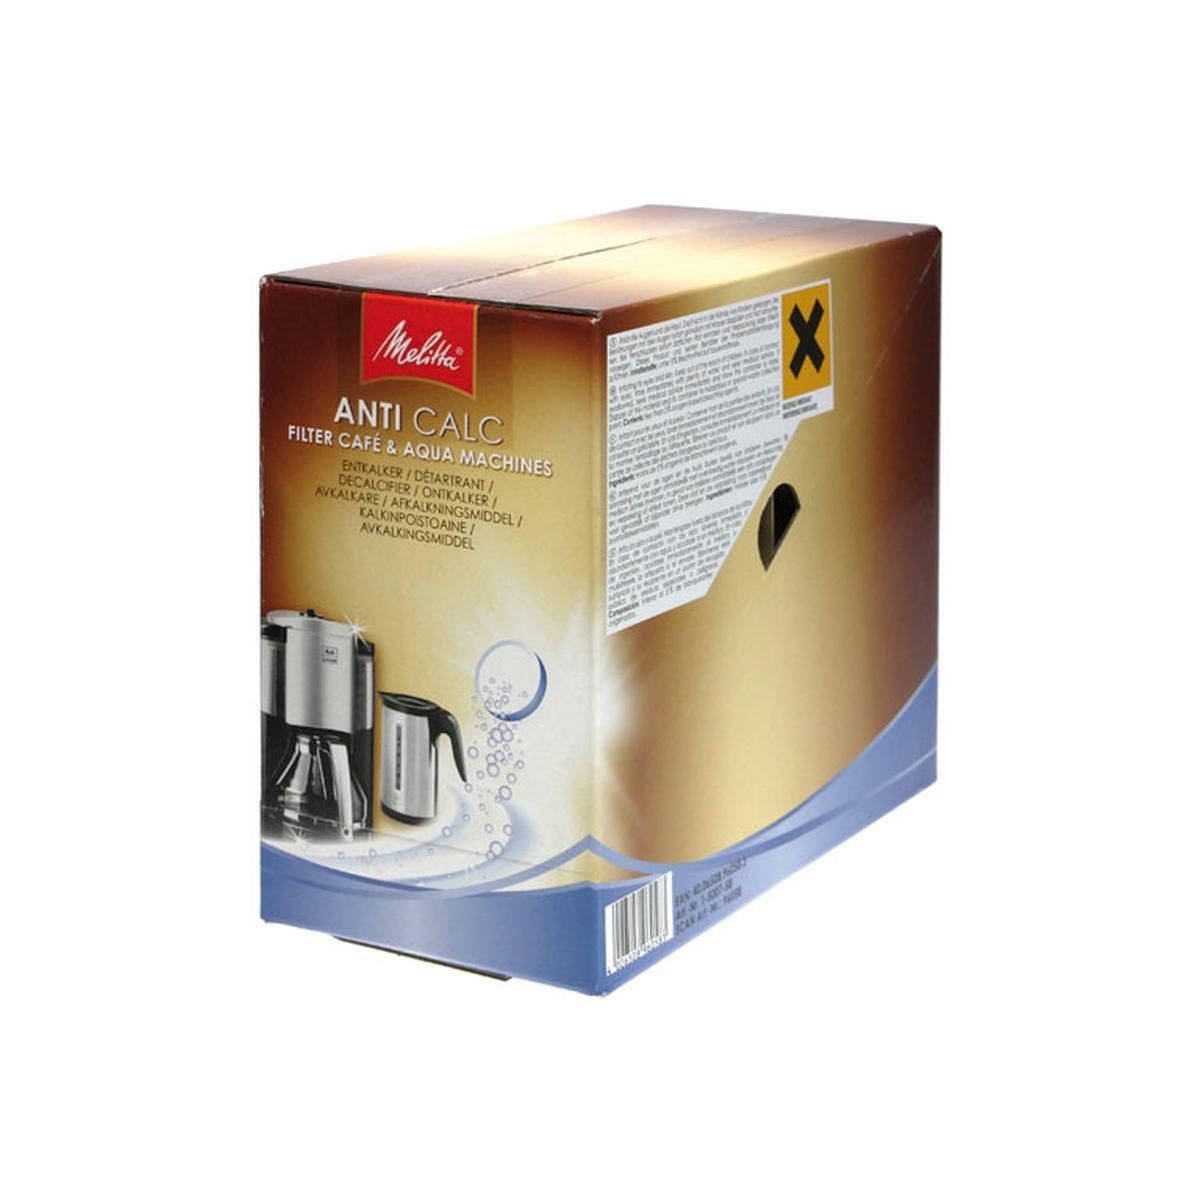 Afkalkningstabs Anti Calc 12 x 4 stk. filterkaffem